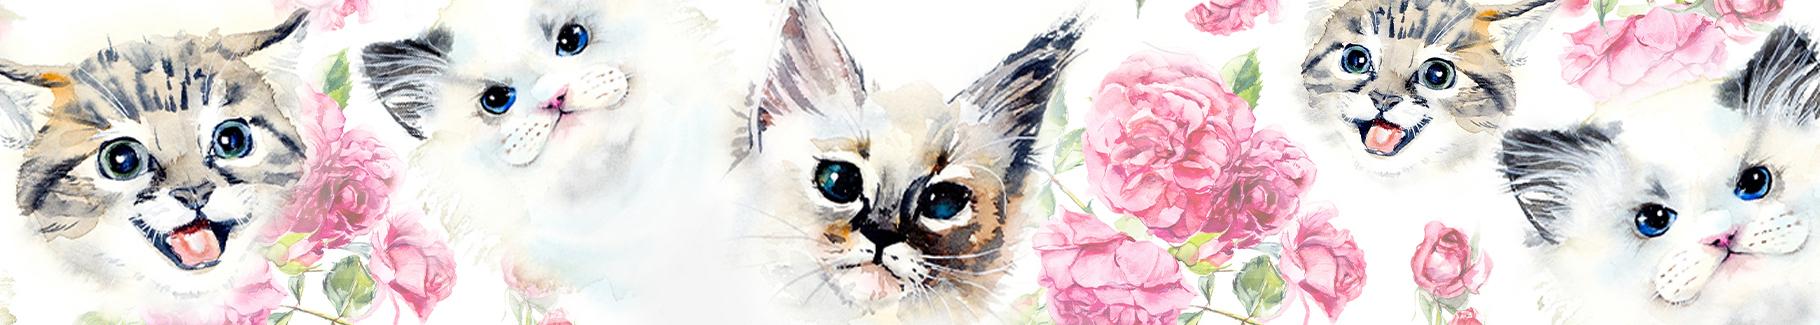 Naklejka koty i róże